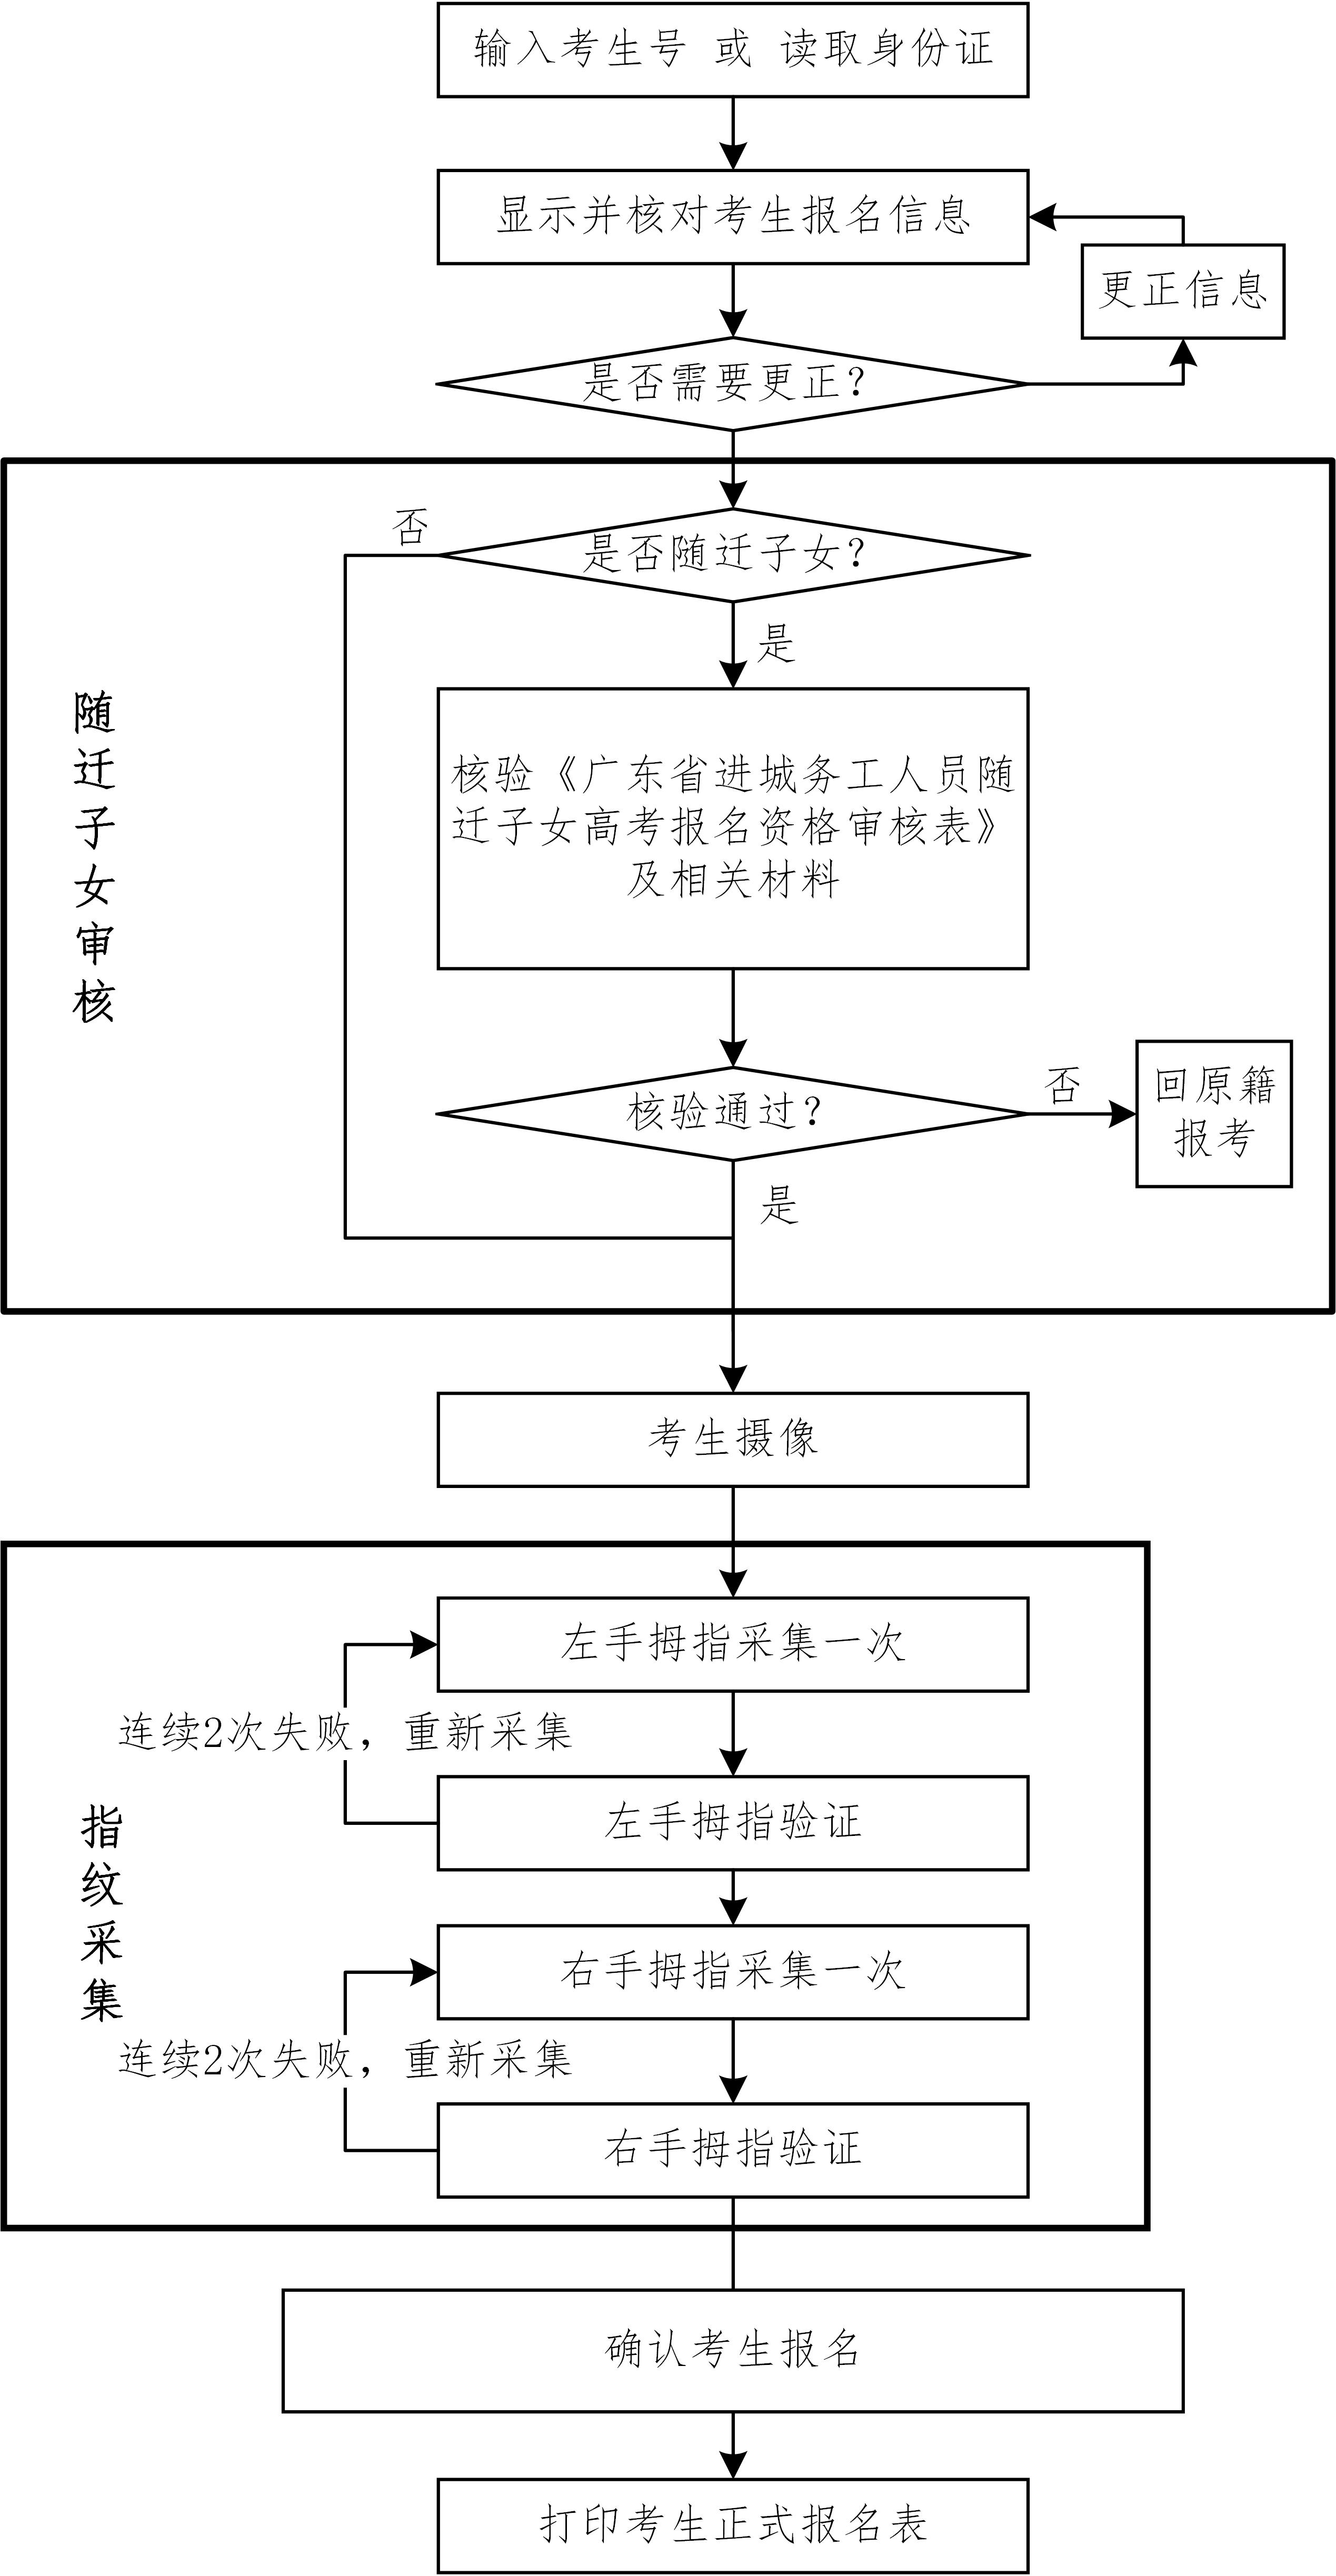 广东省2019年普通高考报名确认流程